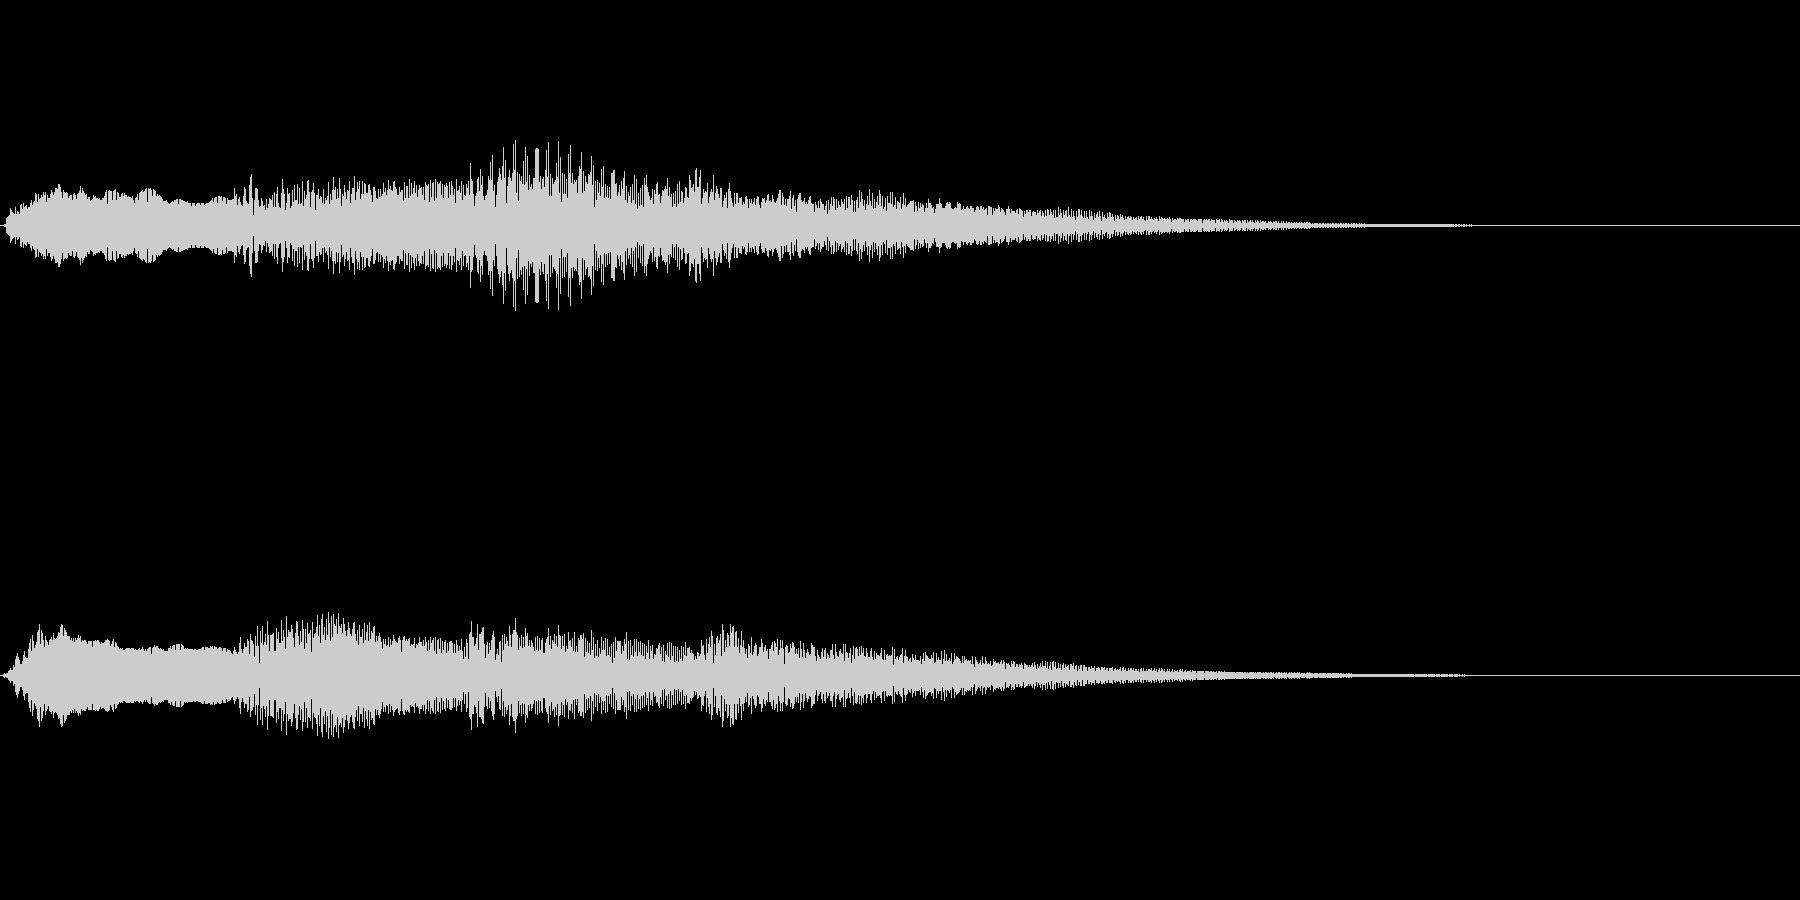 ピンポンパンポン ピアノ 早い下降の未再生の波形